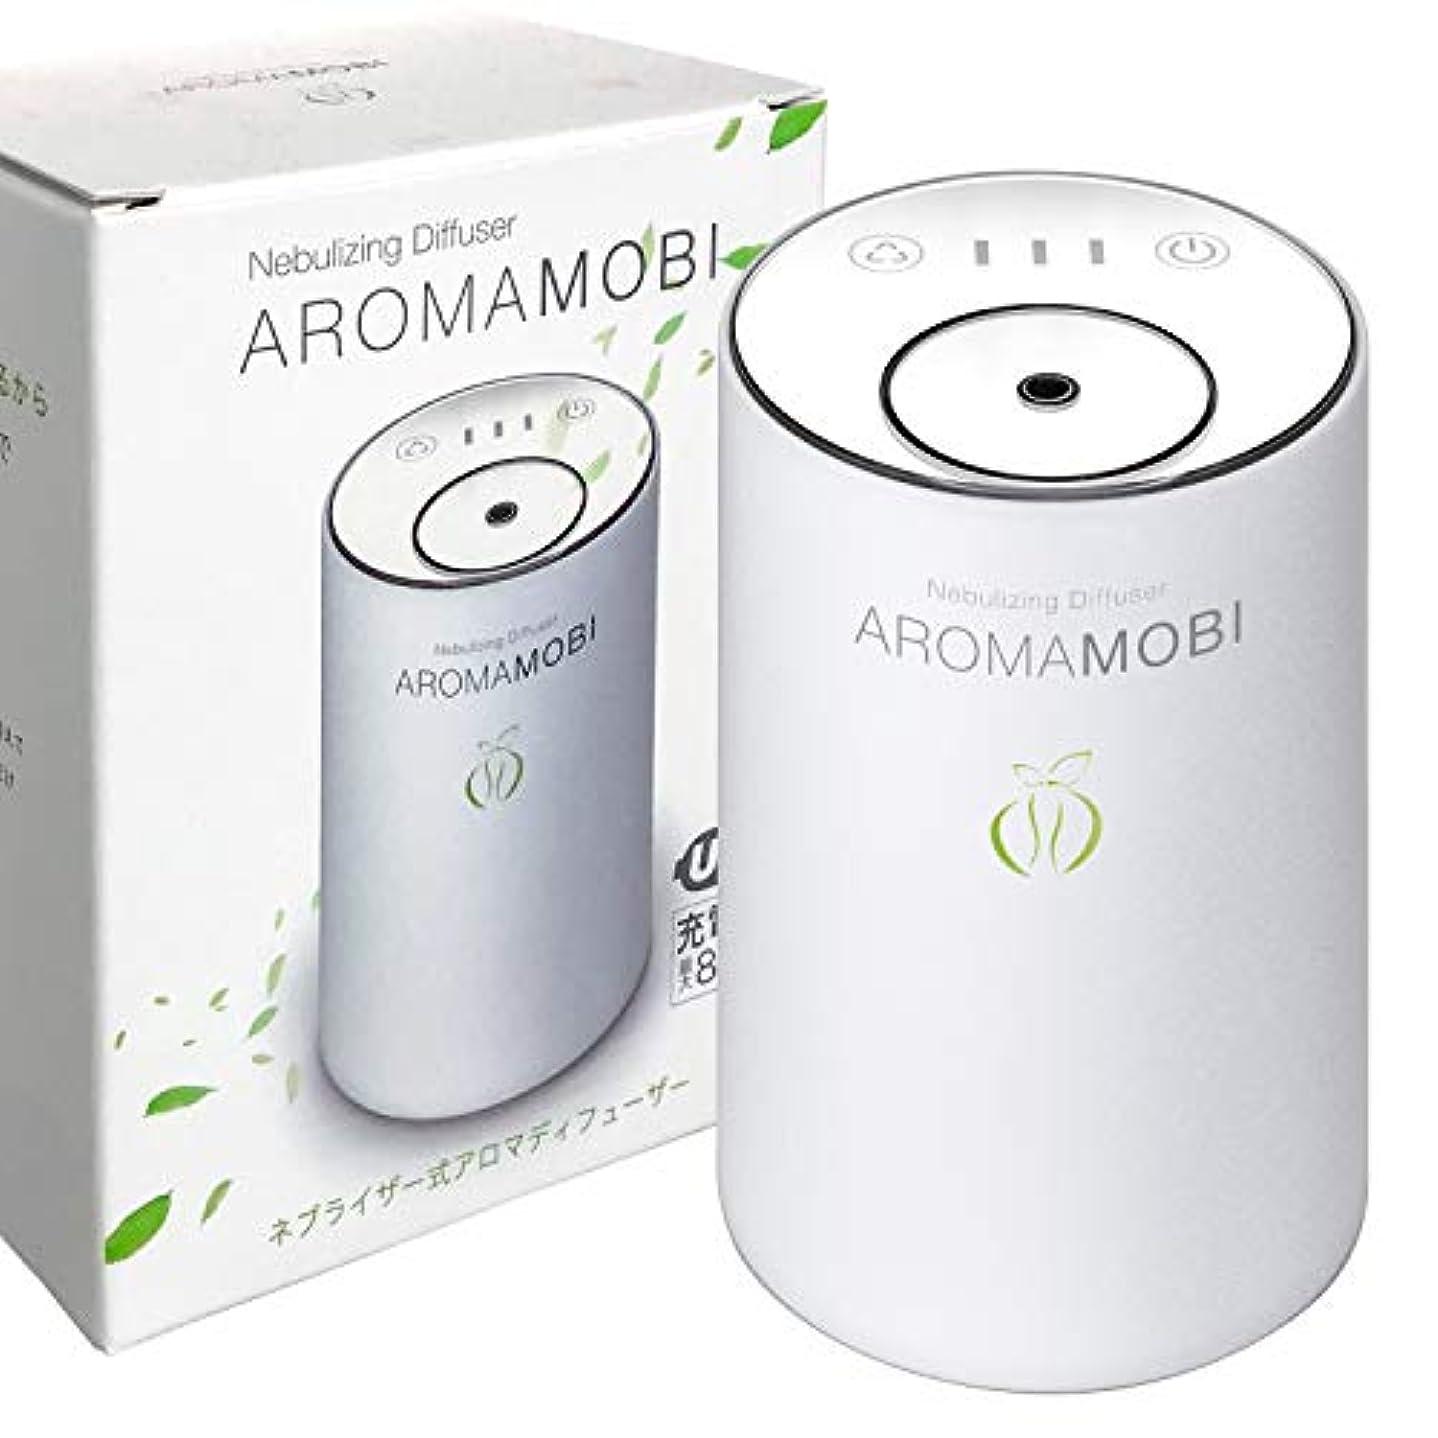 確執シャッター折り目funks AROMA MOBI 充電式 アロマディフューザー ネブライザー式 ホワイト